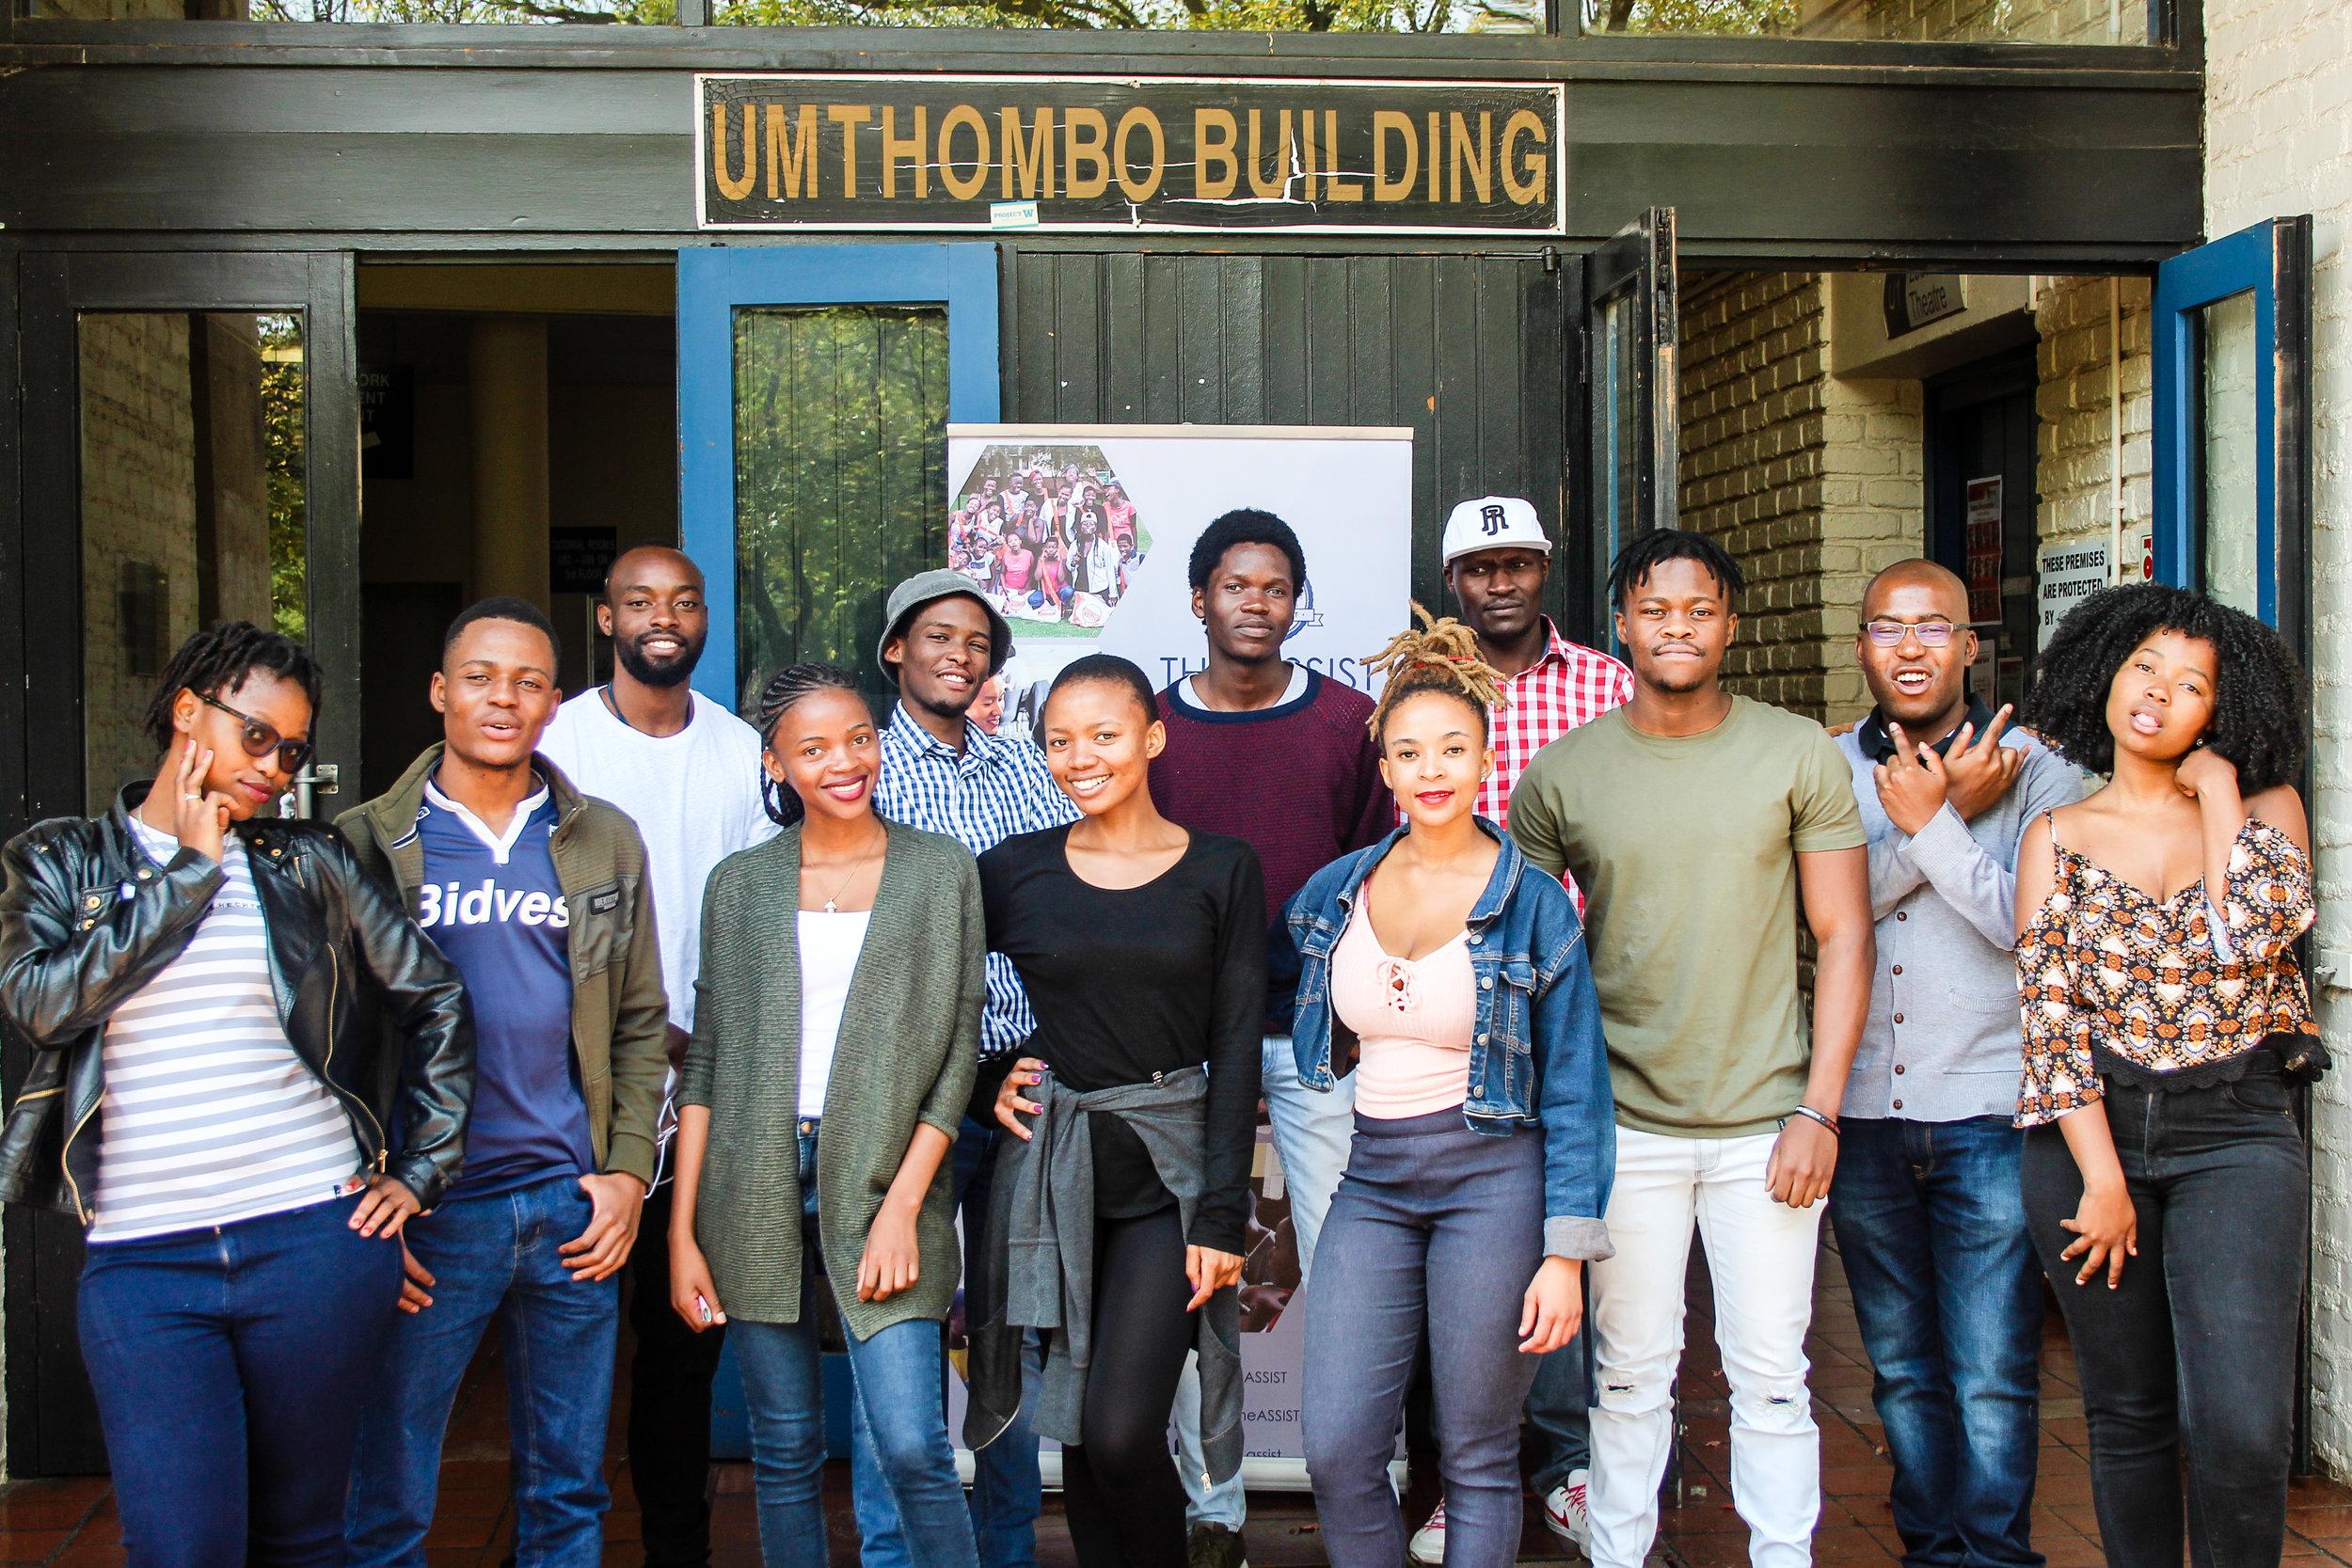 From left: Busisiwe, Jonas, King, Sibongiseni, Josias, Onica, Themba, Khanyisile, Patrick, Muhle, Vukile, Happiness.